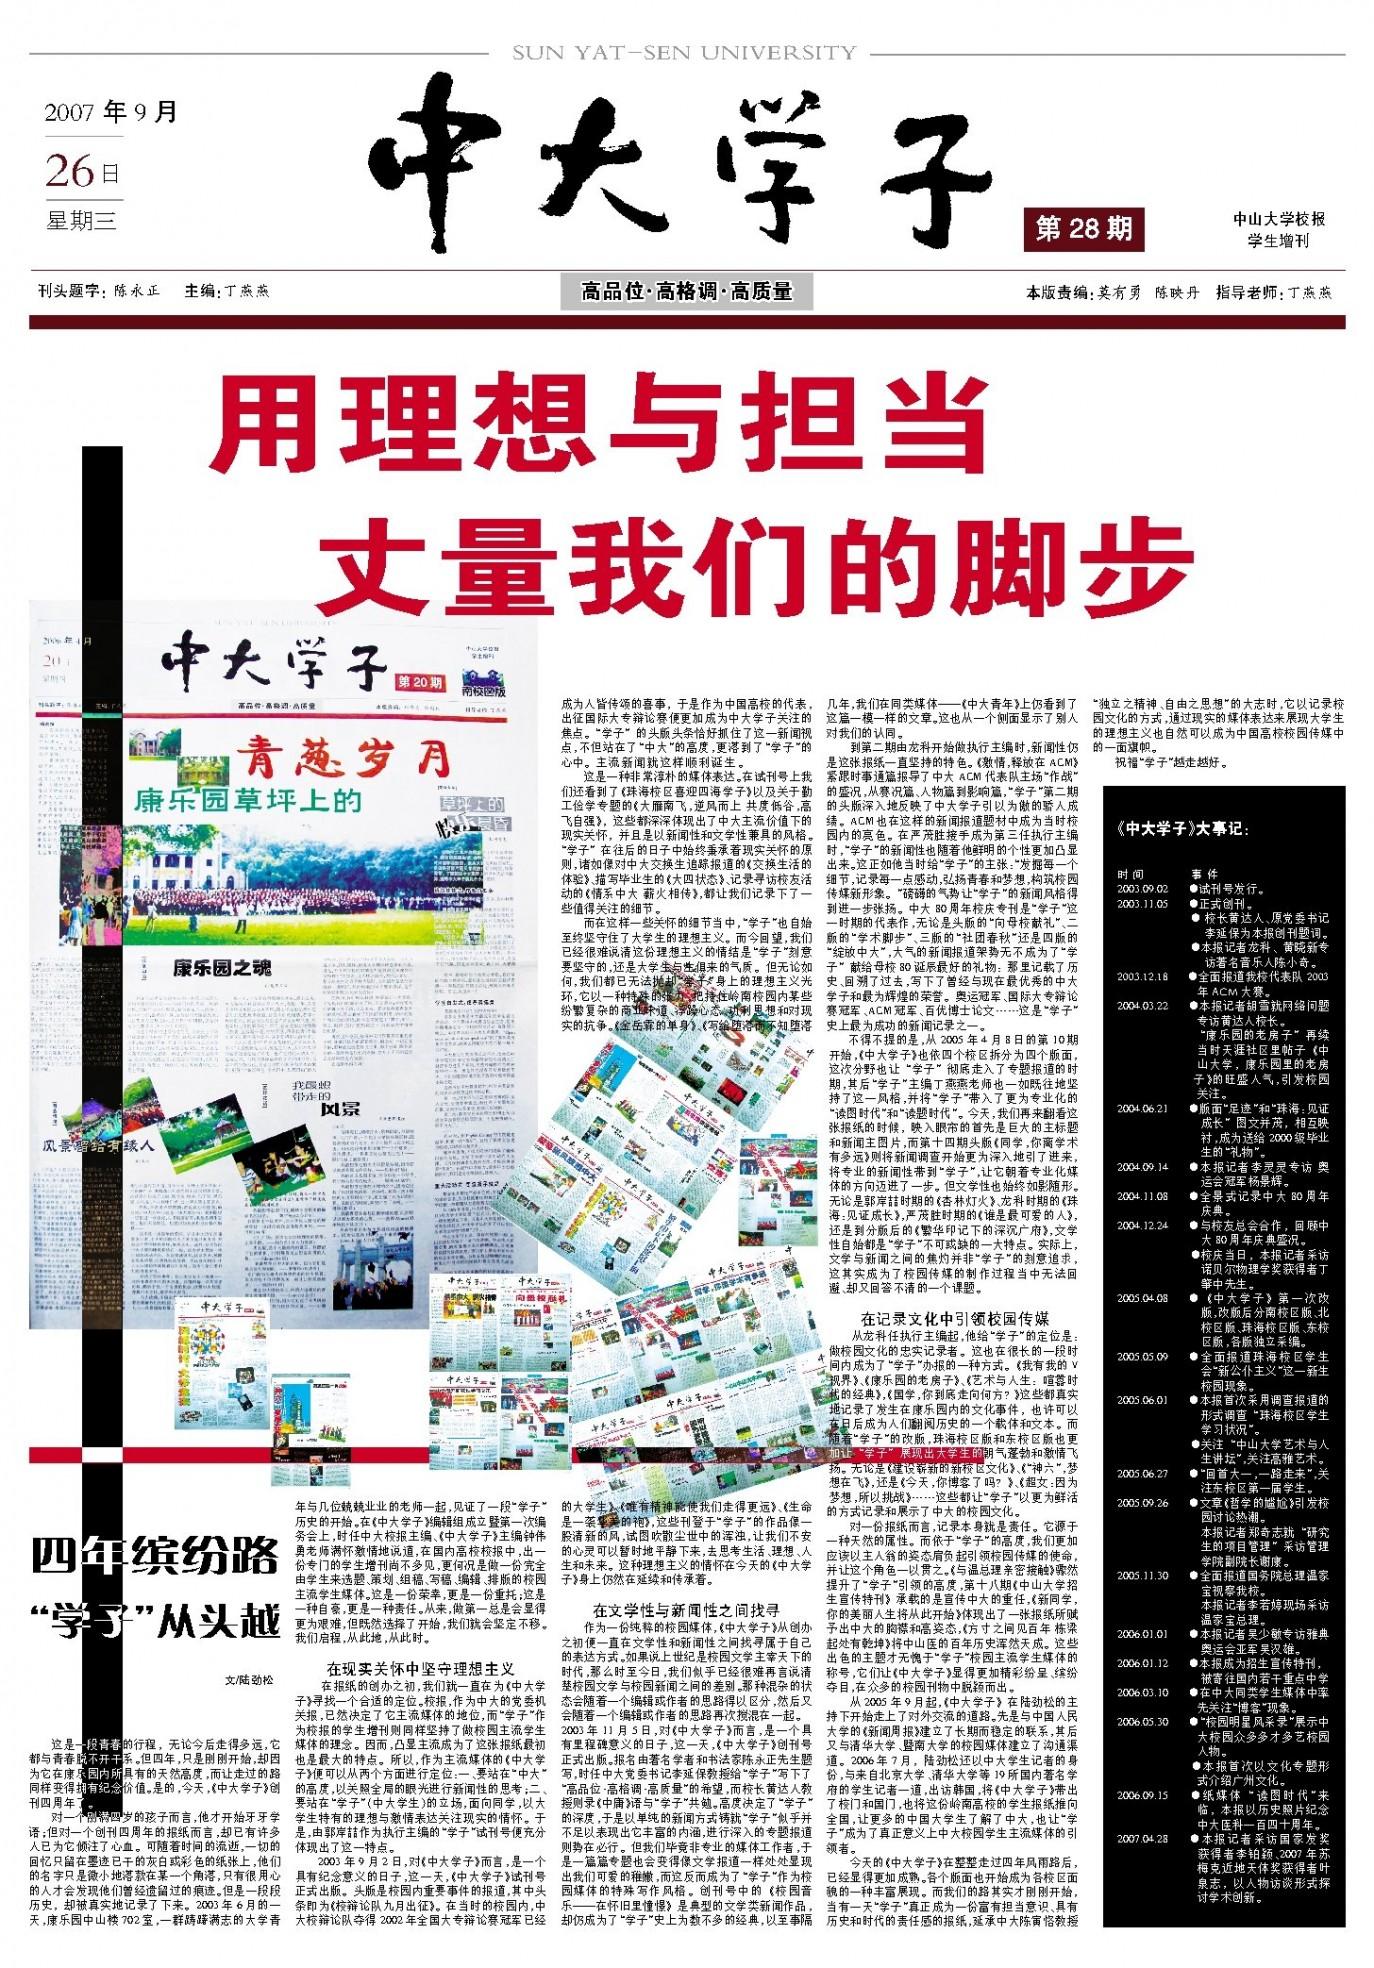 中国人同学录校��oe_全国大专辩论赛冠军已经成为人皆传颂的喜事,于是作为中国高校的代表